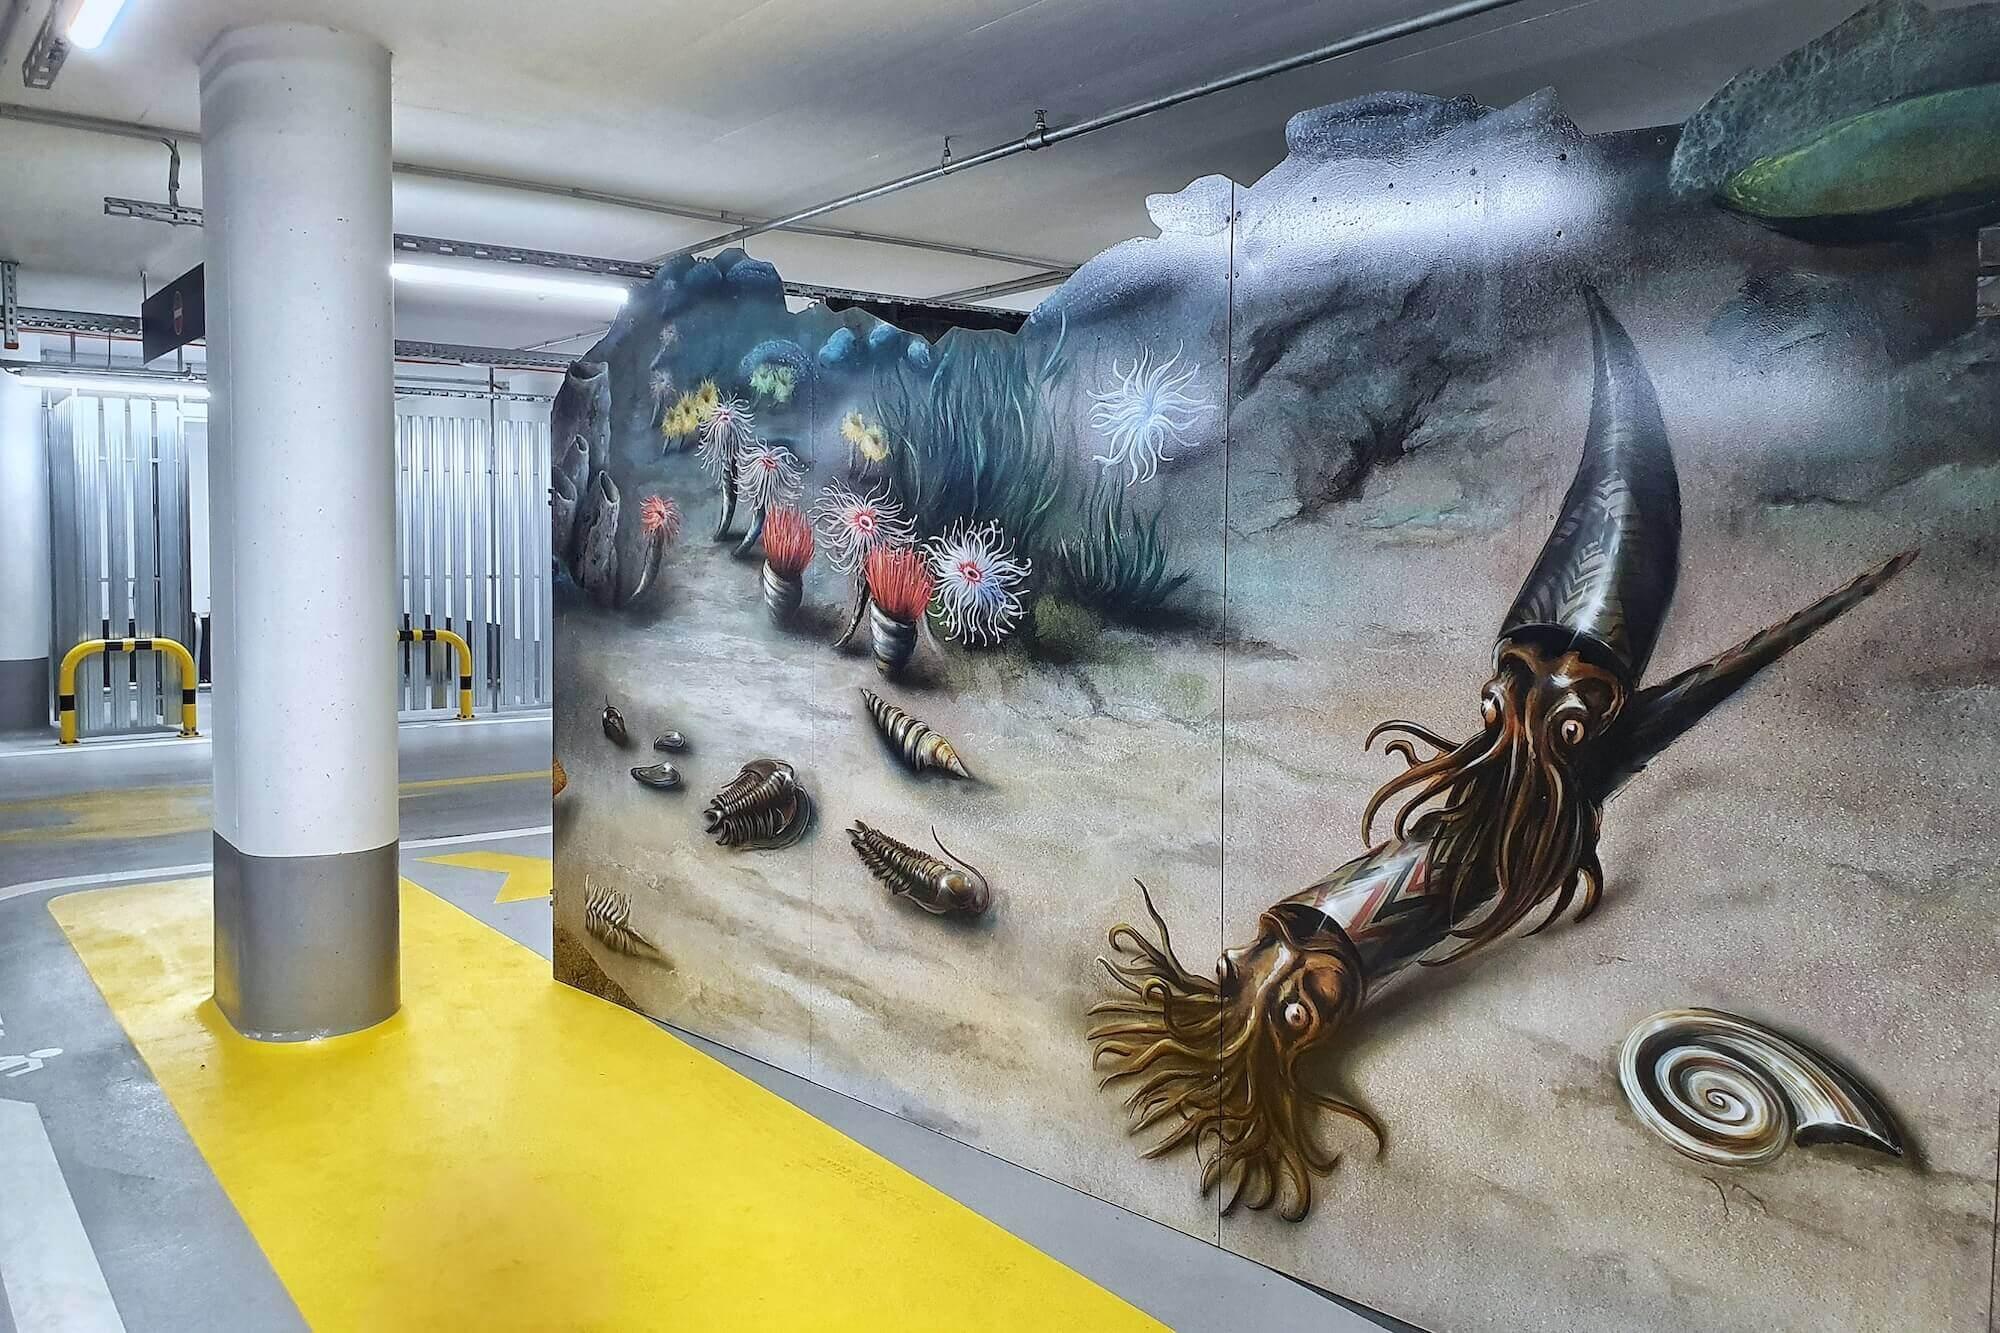 """Im Rahmen von Imagine the City zeigt der Künstler Gerrit Frohne-Brinkmann eine Installation mit dem Titel """"Backdrop"""" in der Hamburger HafenCity."""